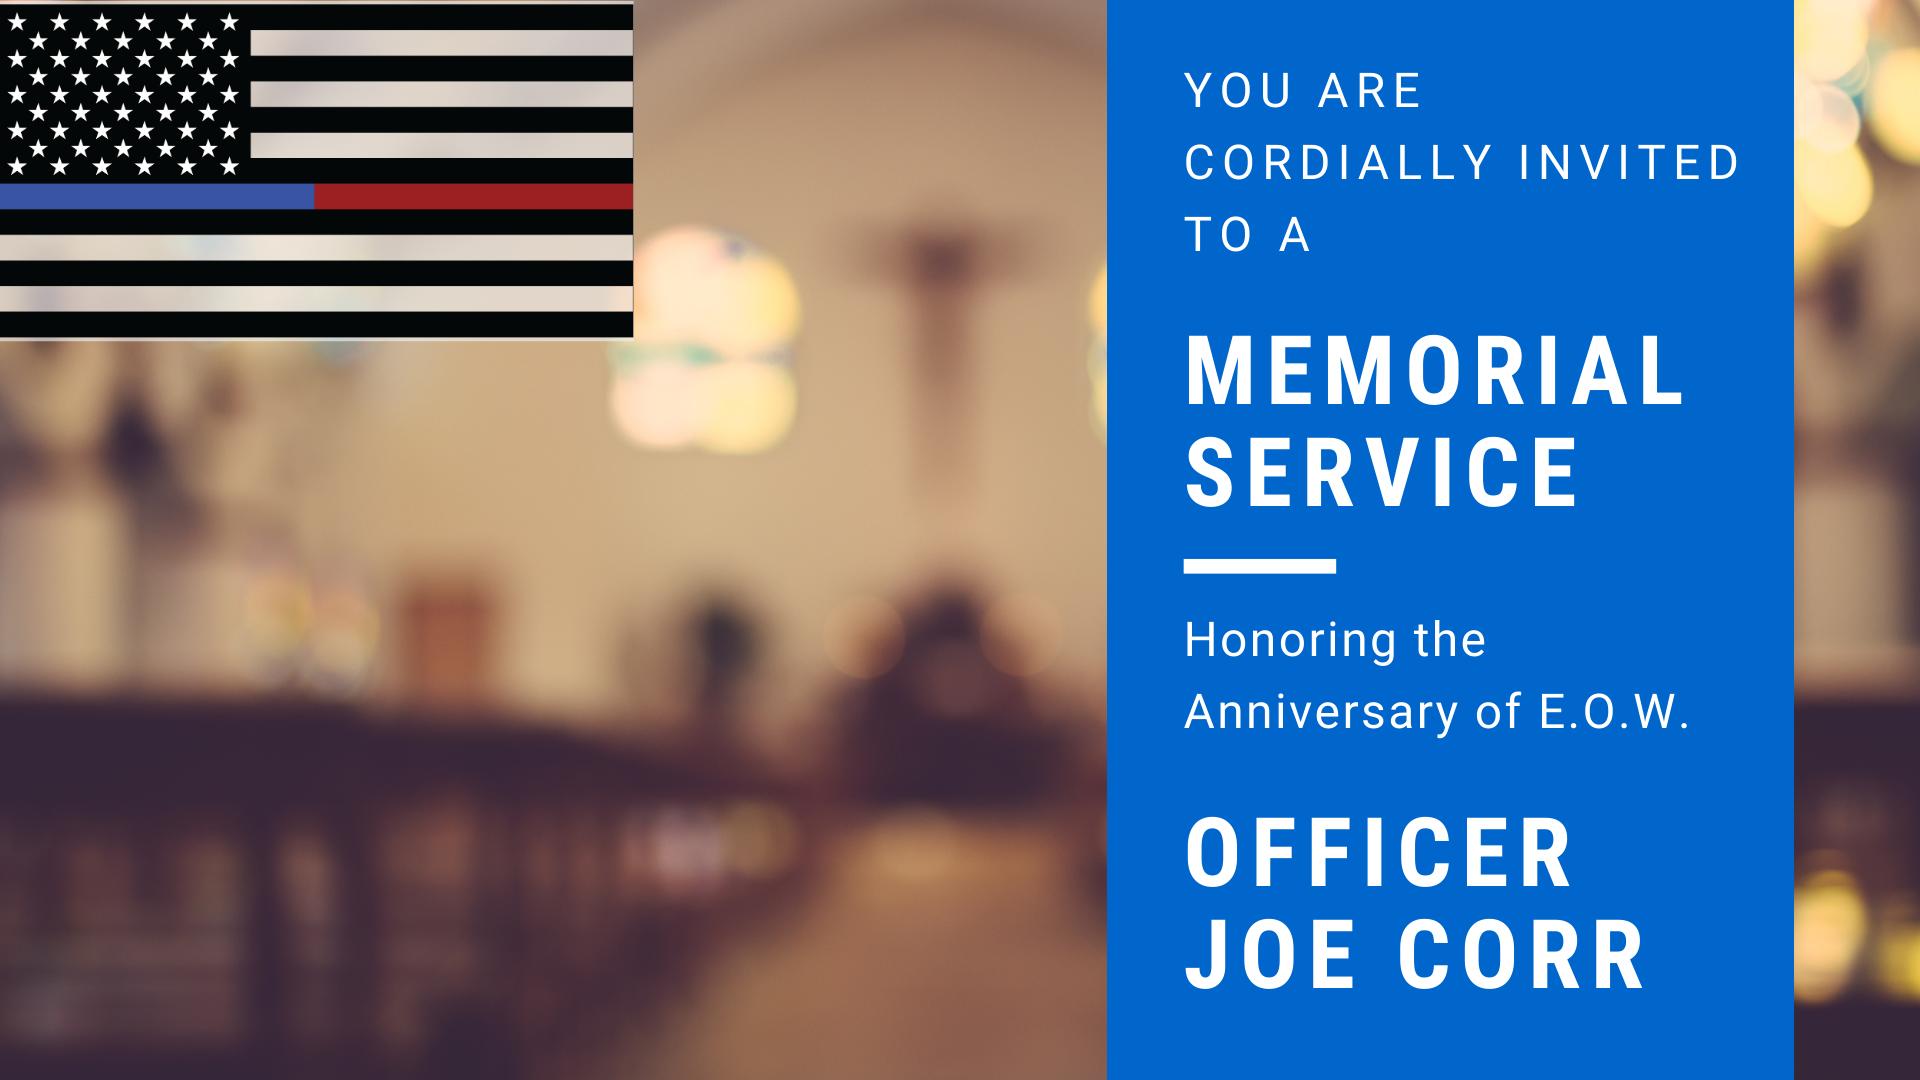 2021 Memorial Service Invitation